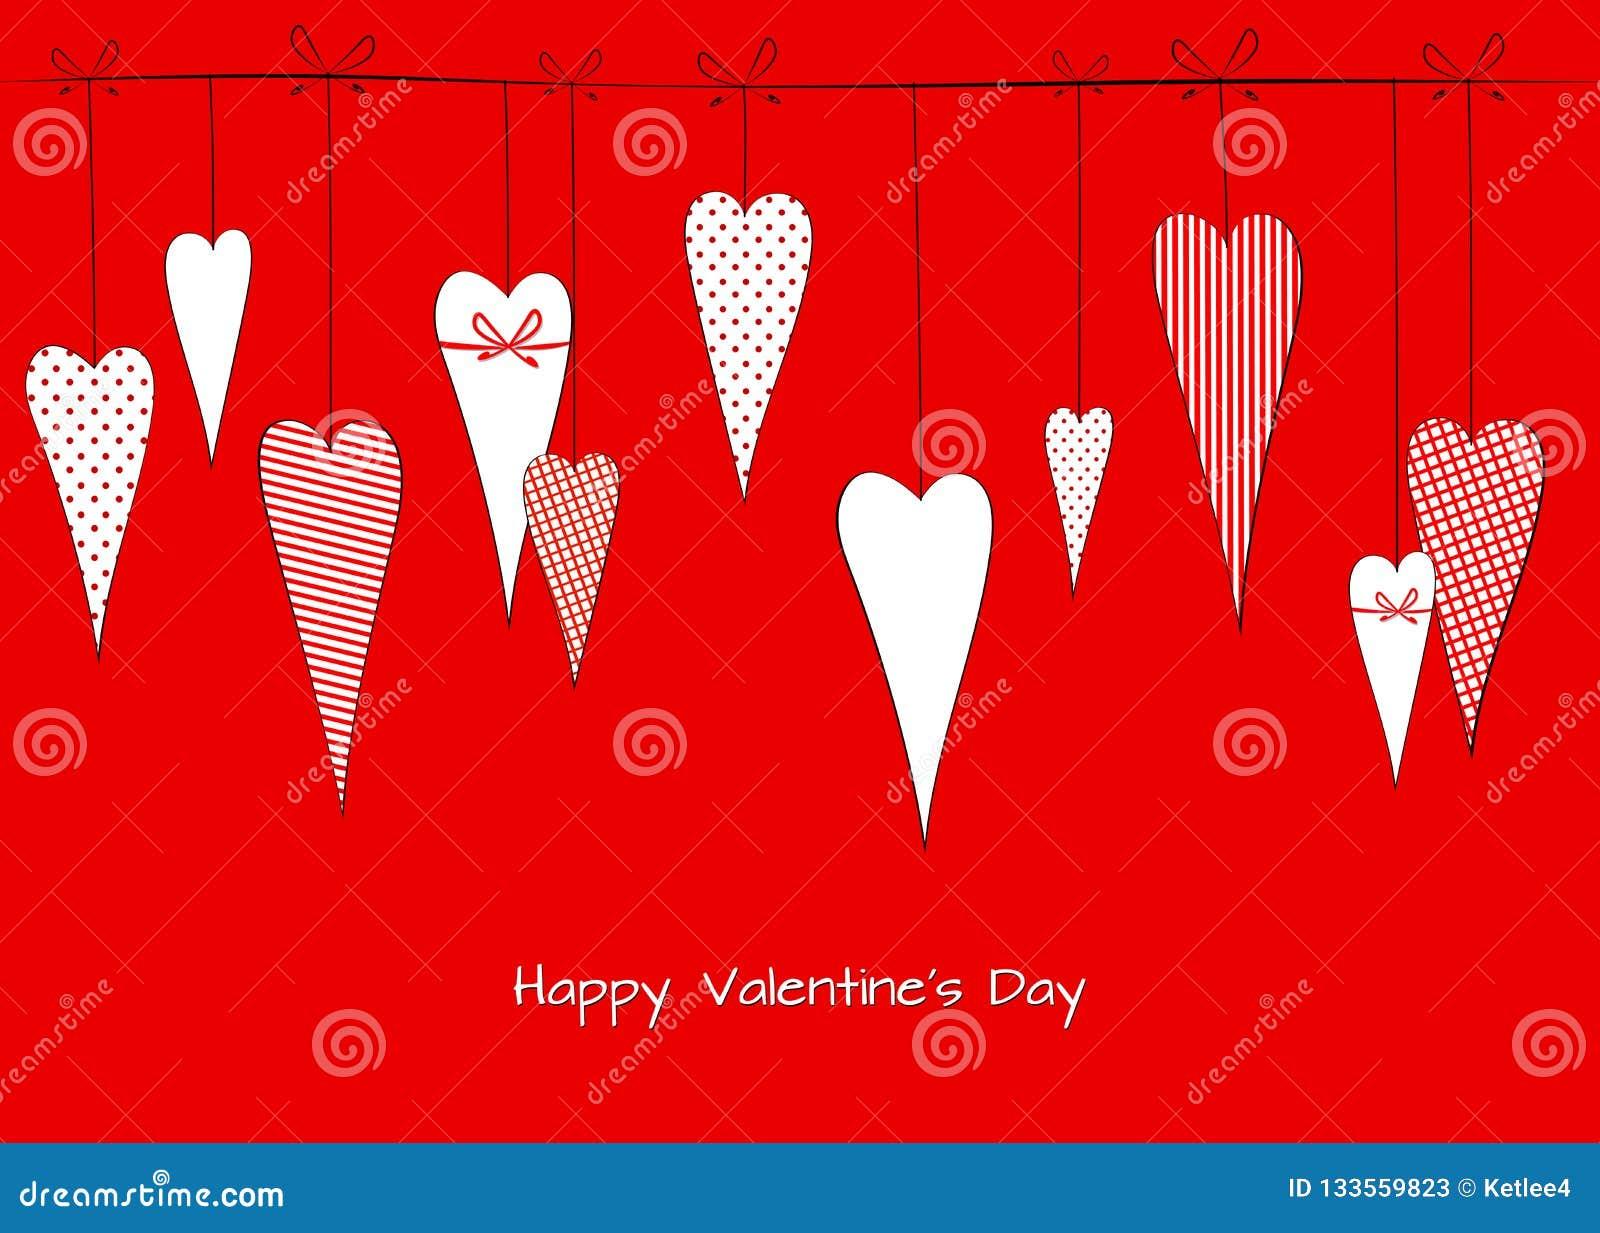 Σχέδιο με ένα σχέδιο των καρδιών doodles διακοσμητικό ρομαντικό υπόβαθρο κλουβιών μπιζελιών στο ριγωτό για τις γαμήλιες κάρτες ημ